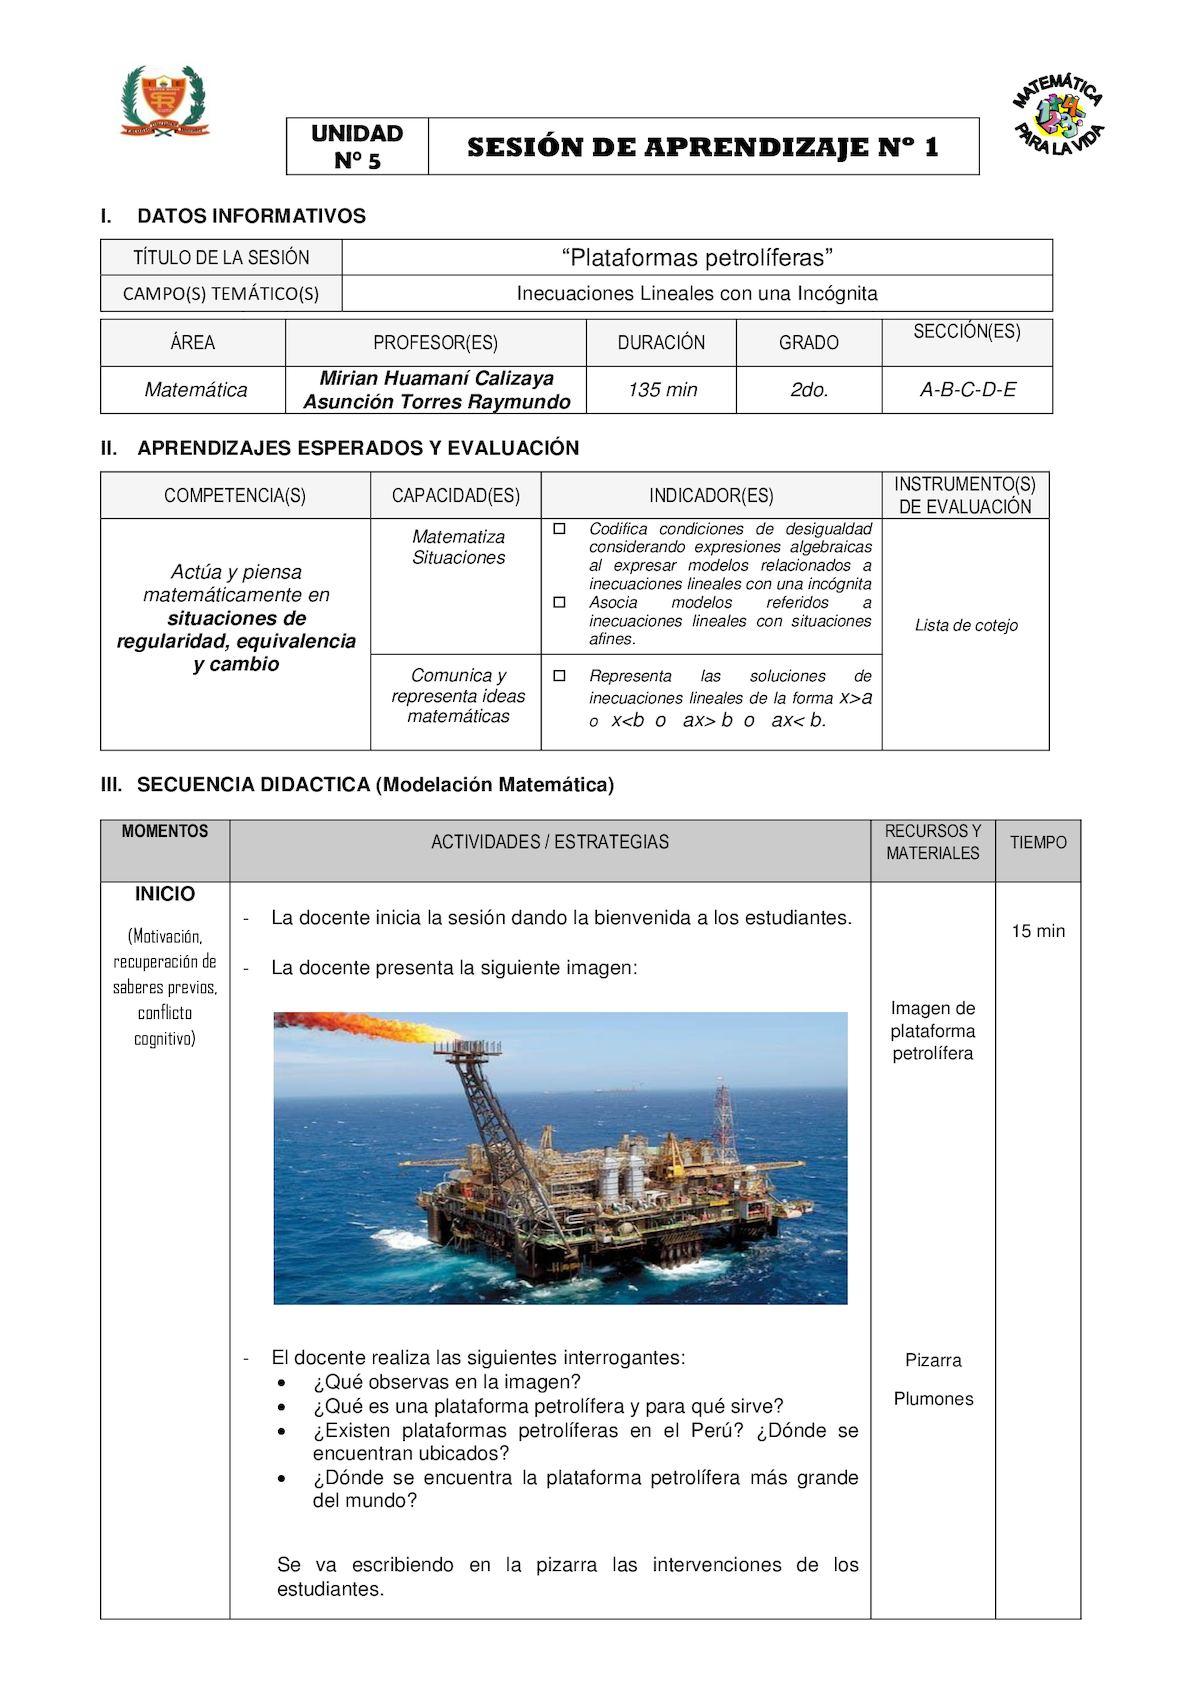 SA_2do 2016_Plataformas Petrolíferas Inecuaciones Lineales_Modelación Matemática